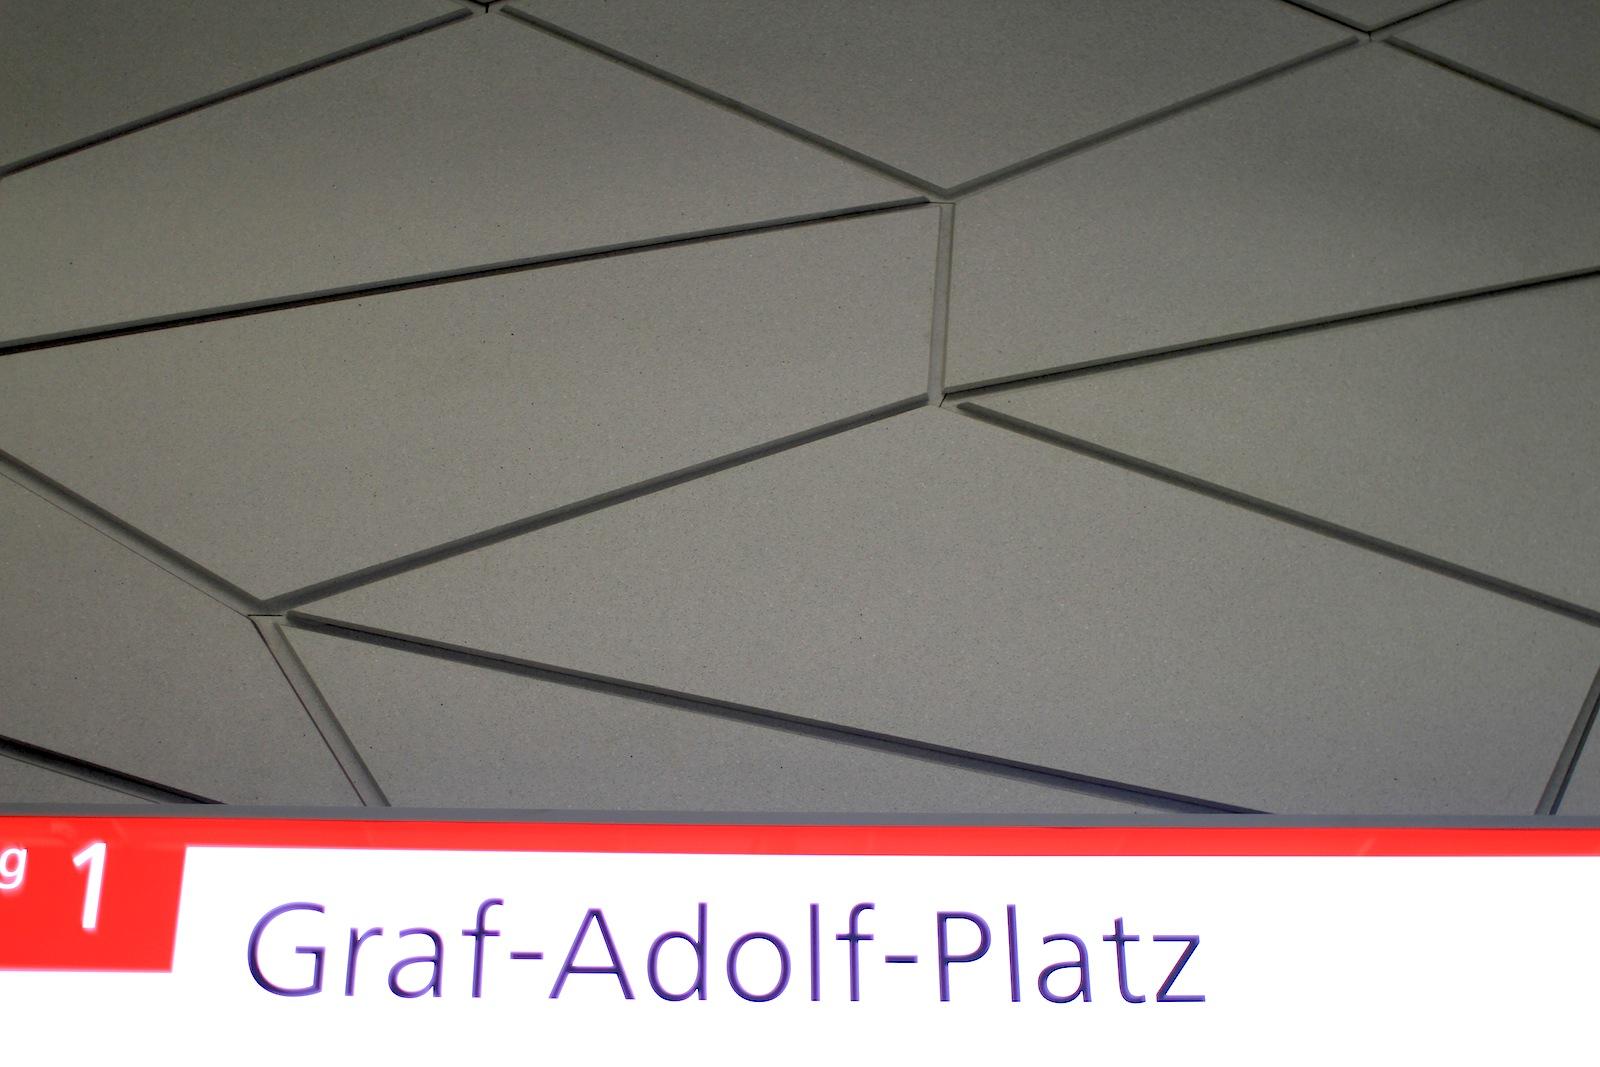 Station Graf-Adolf-Platz.